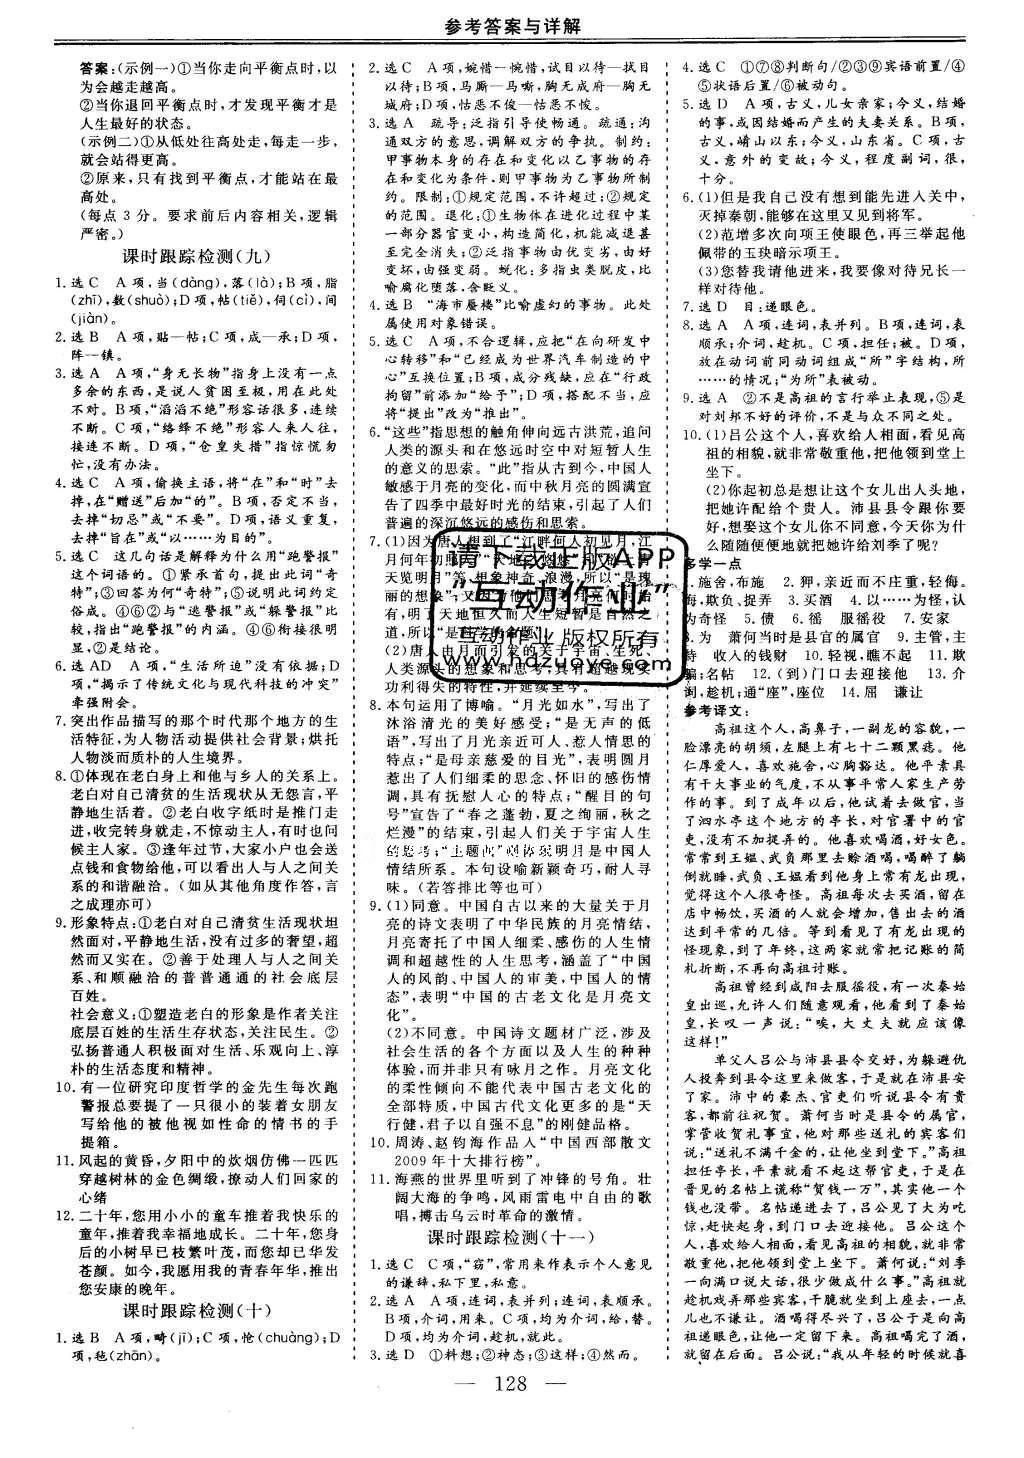 高一上册语文雨巷教学设计最新 雨巷教学设计一等奖 雨巷仿写现代诗歌